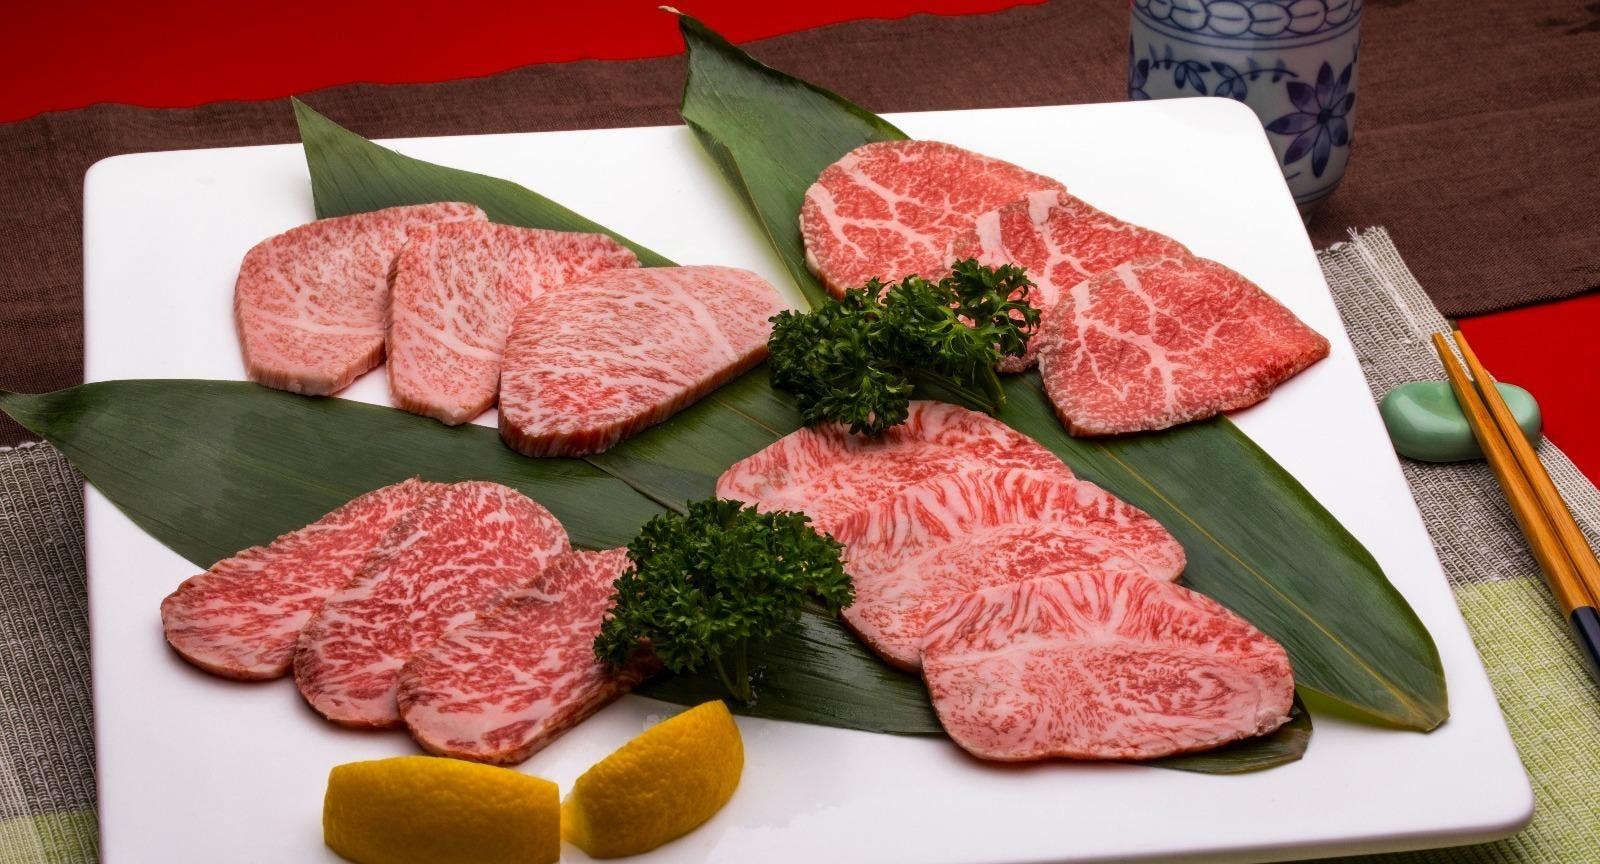 Meat Cuisine Hiro 肉料理 廣 Hong Kong image 3